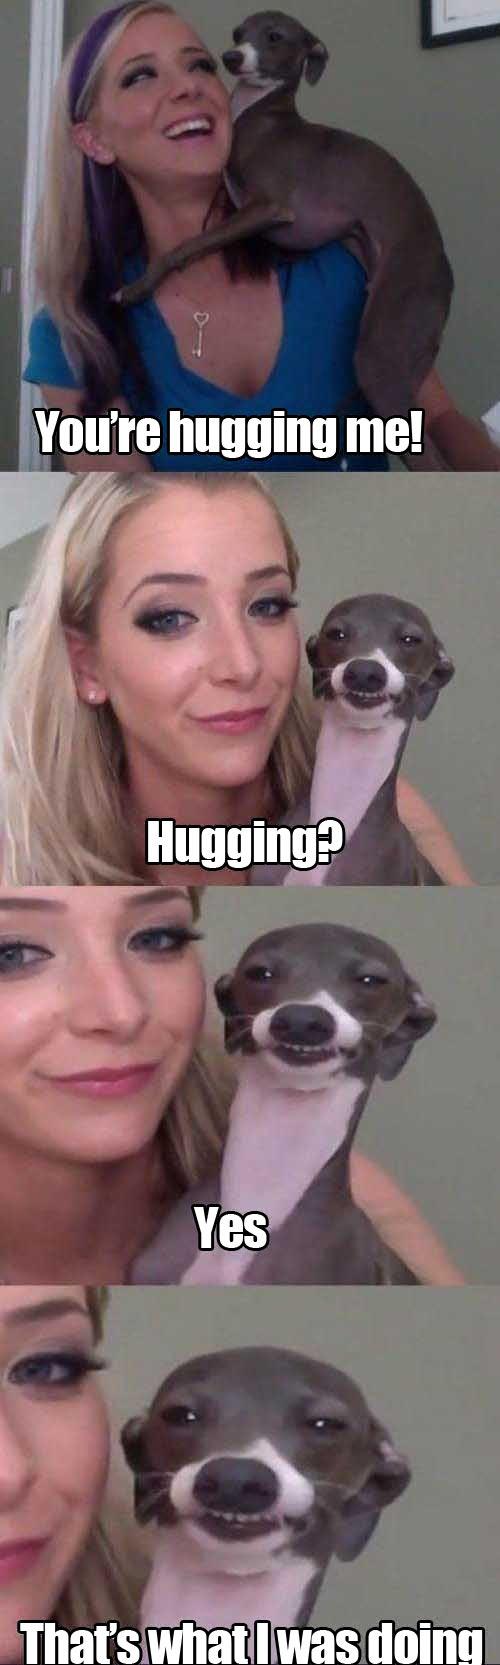 funny-dog-woman-hugging-shoulder